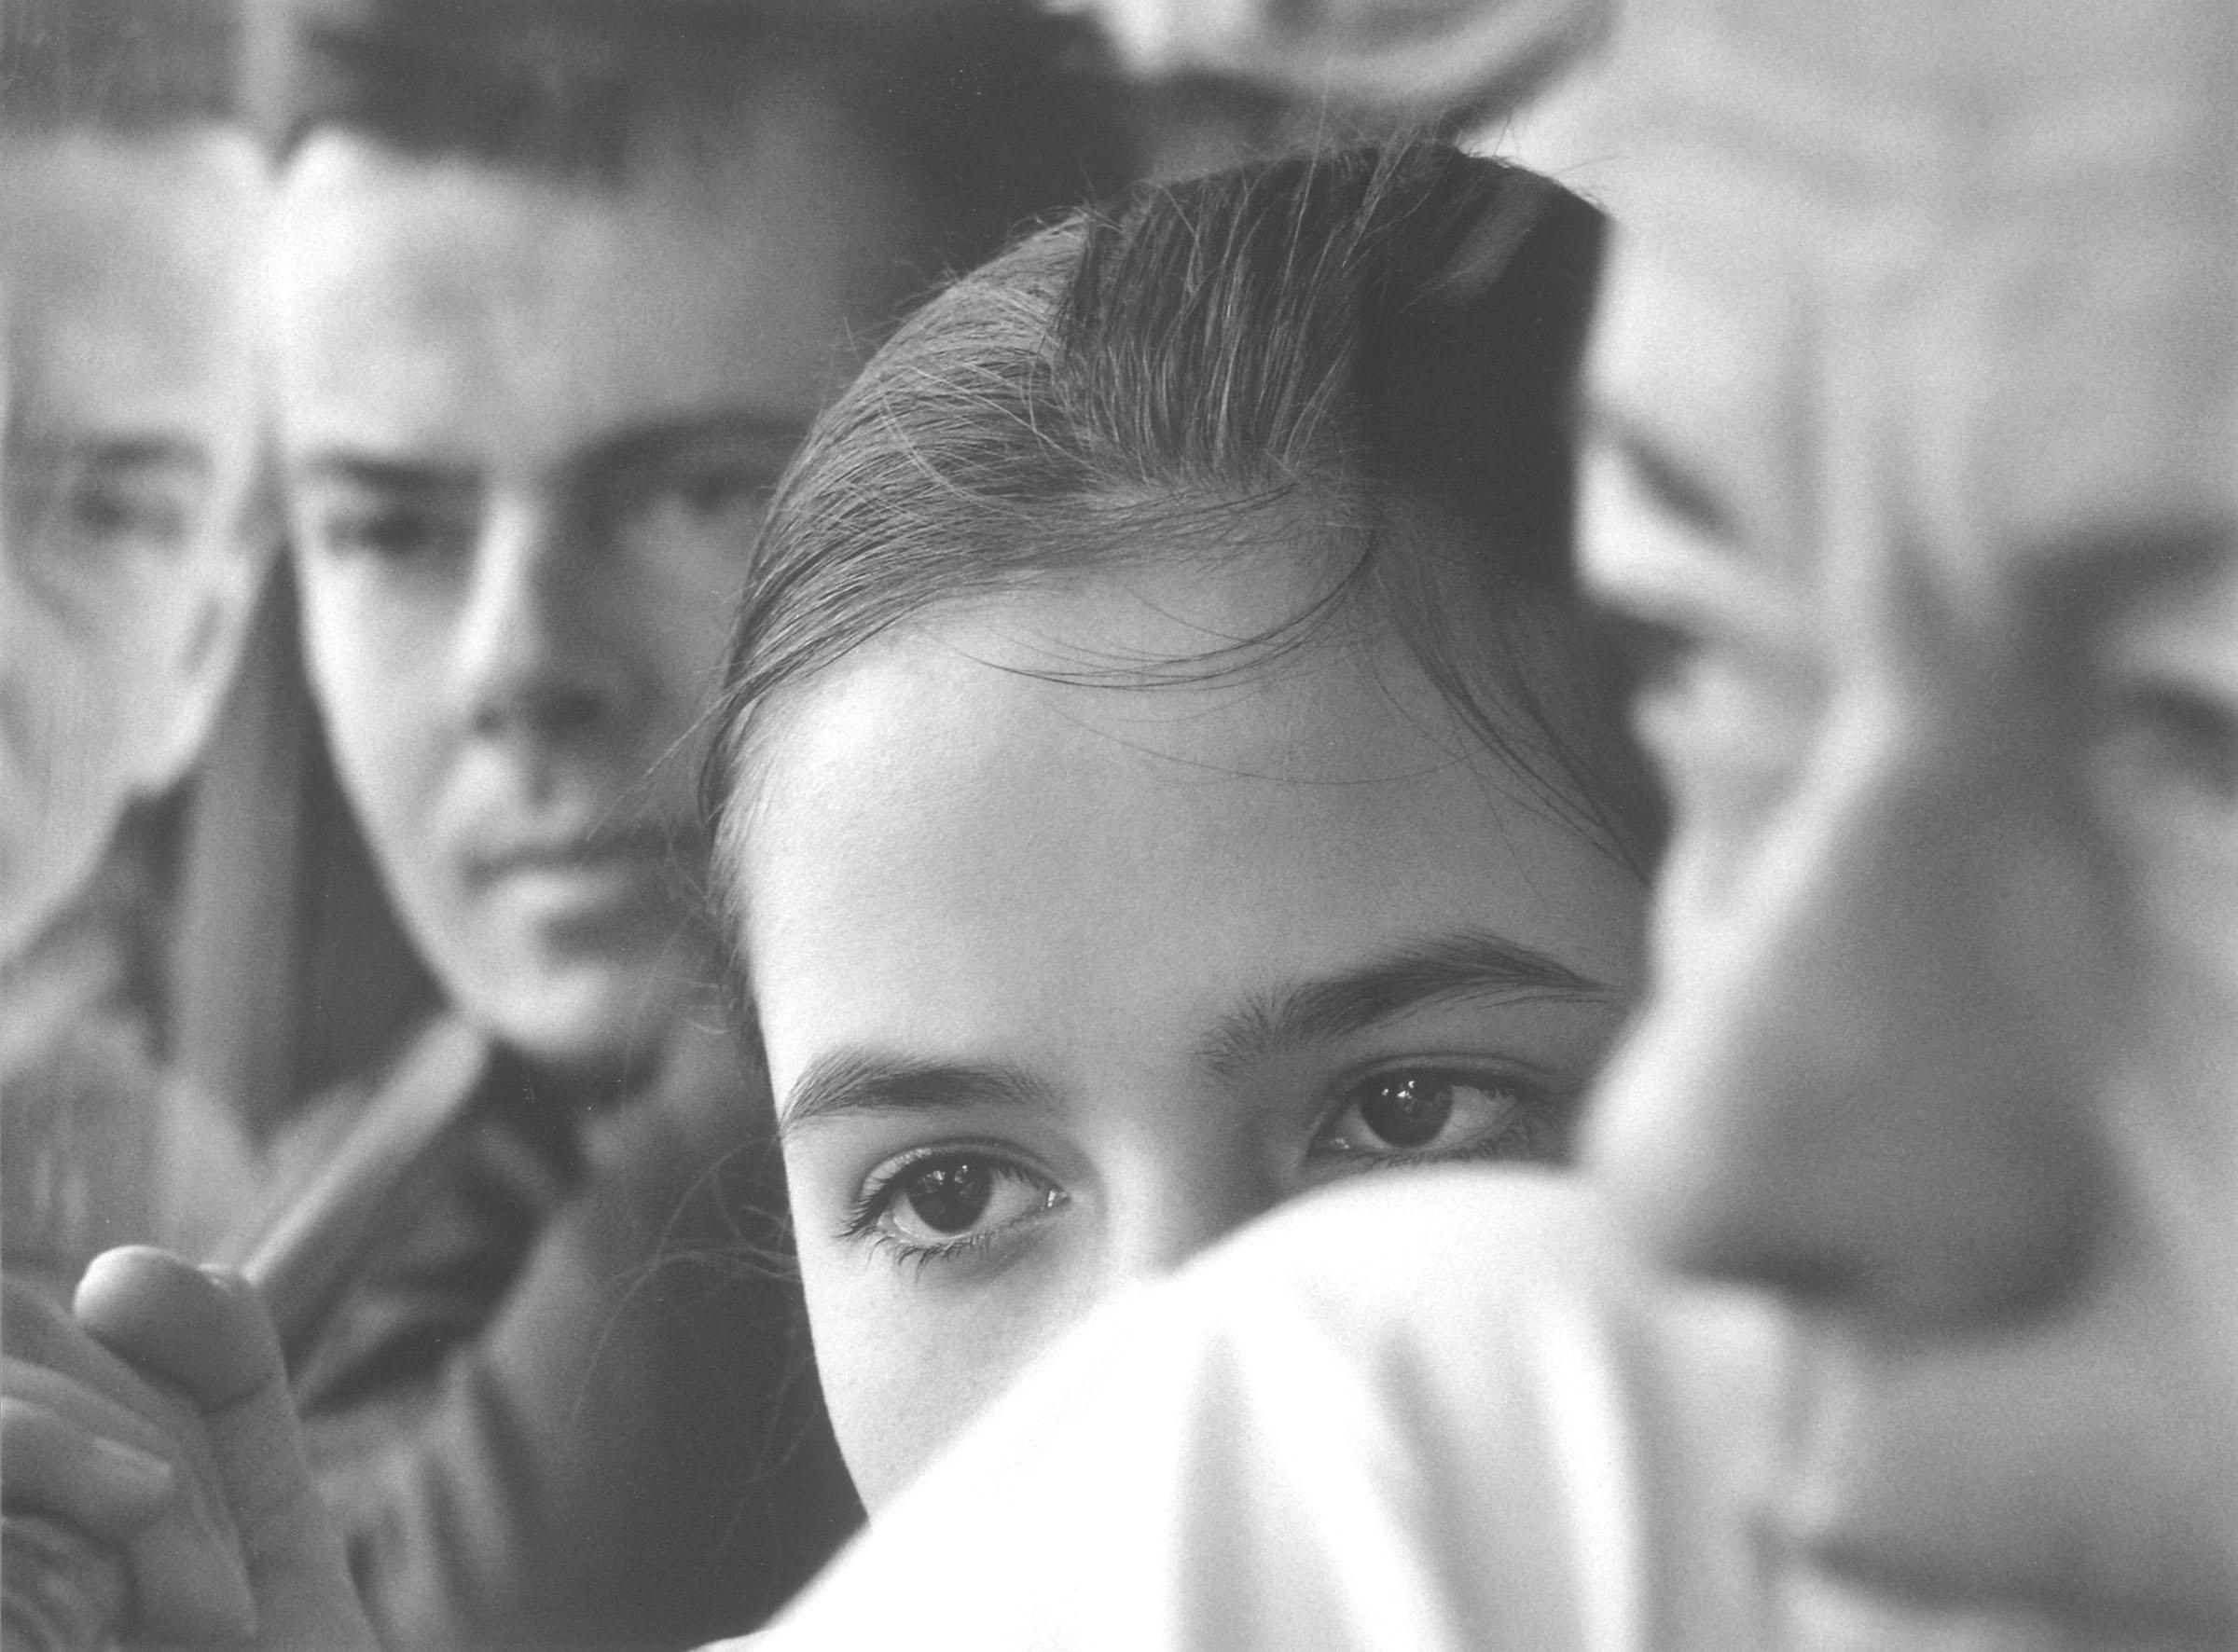 2004.09.18. Hétköznapok fotópályázat - Bakos Veronika - Villamoson.jpg